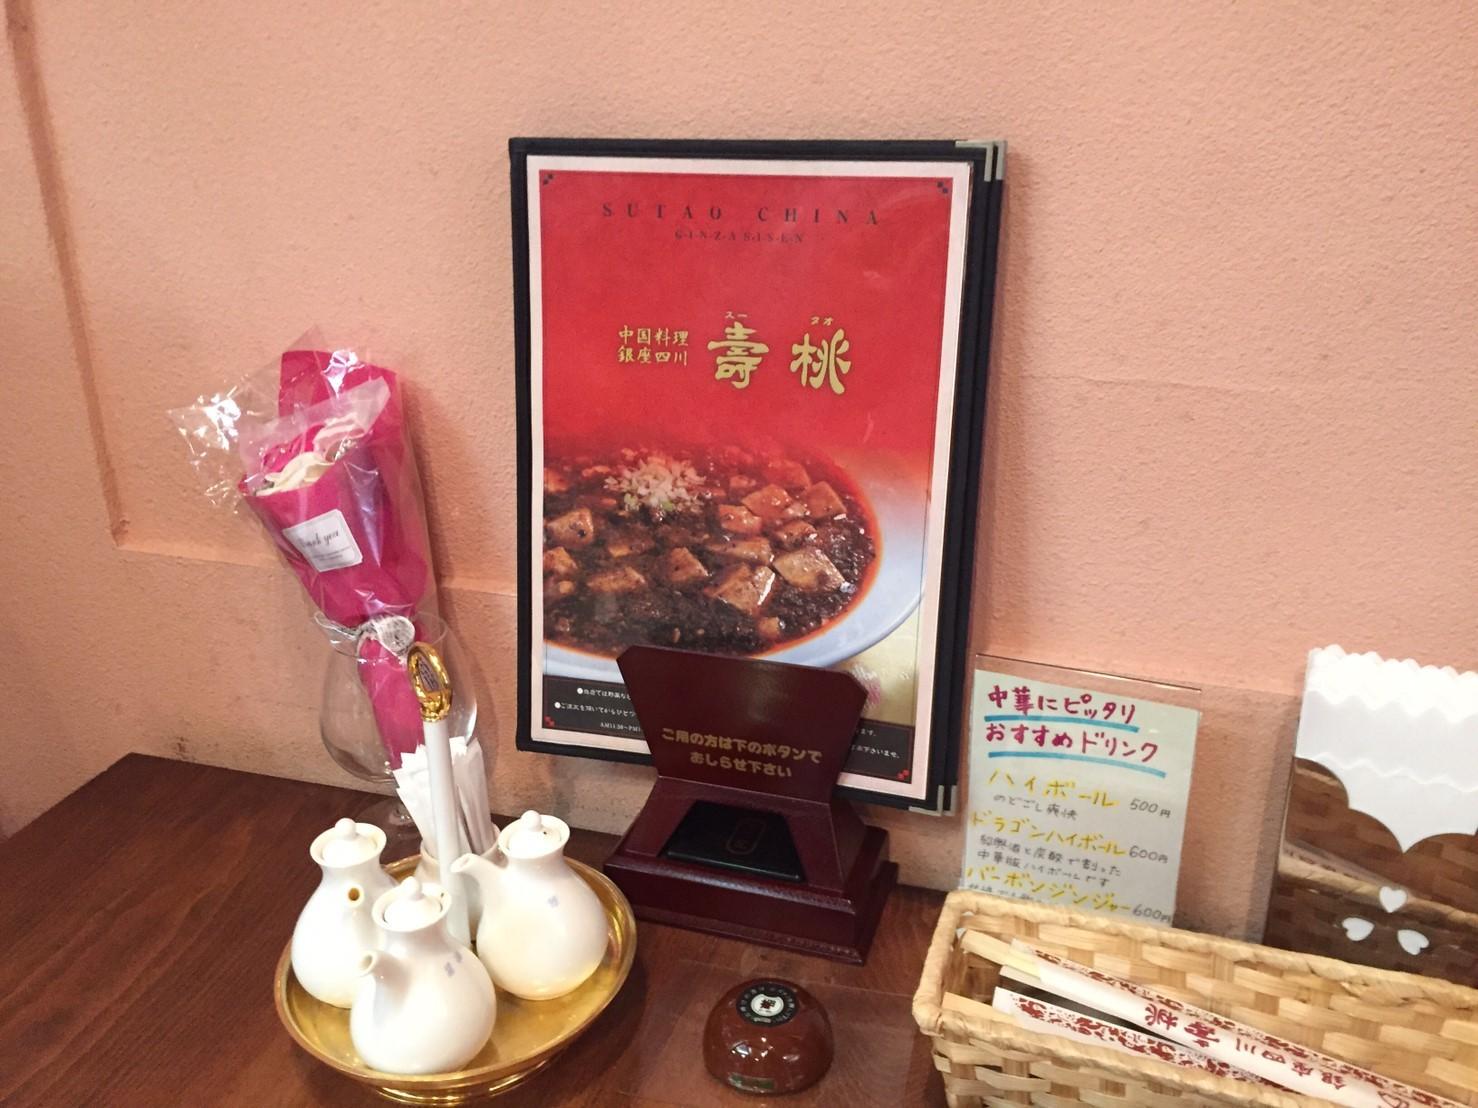 中国料理 銀座四川 壽桃  閉店アナウンス_e0115904_14151537.jpg